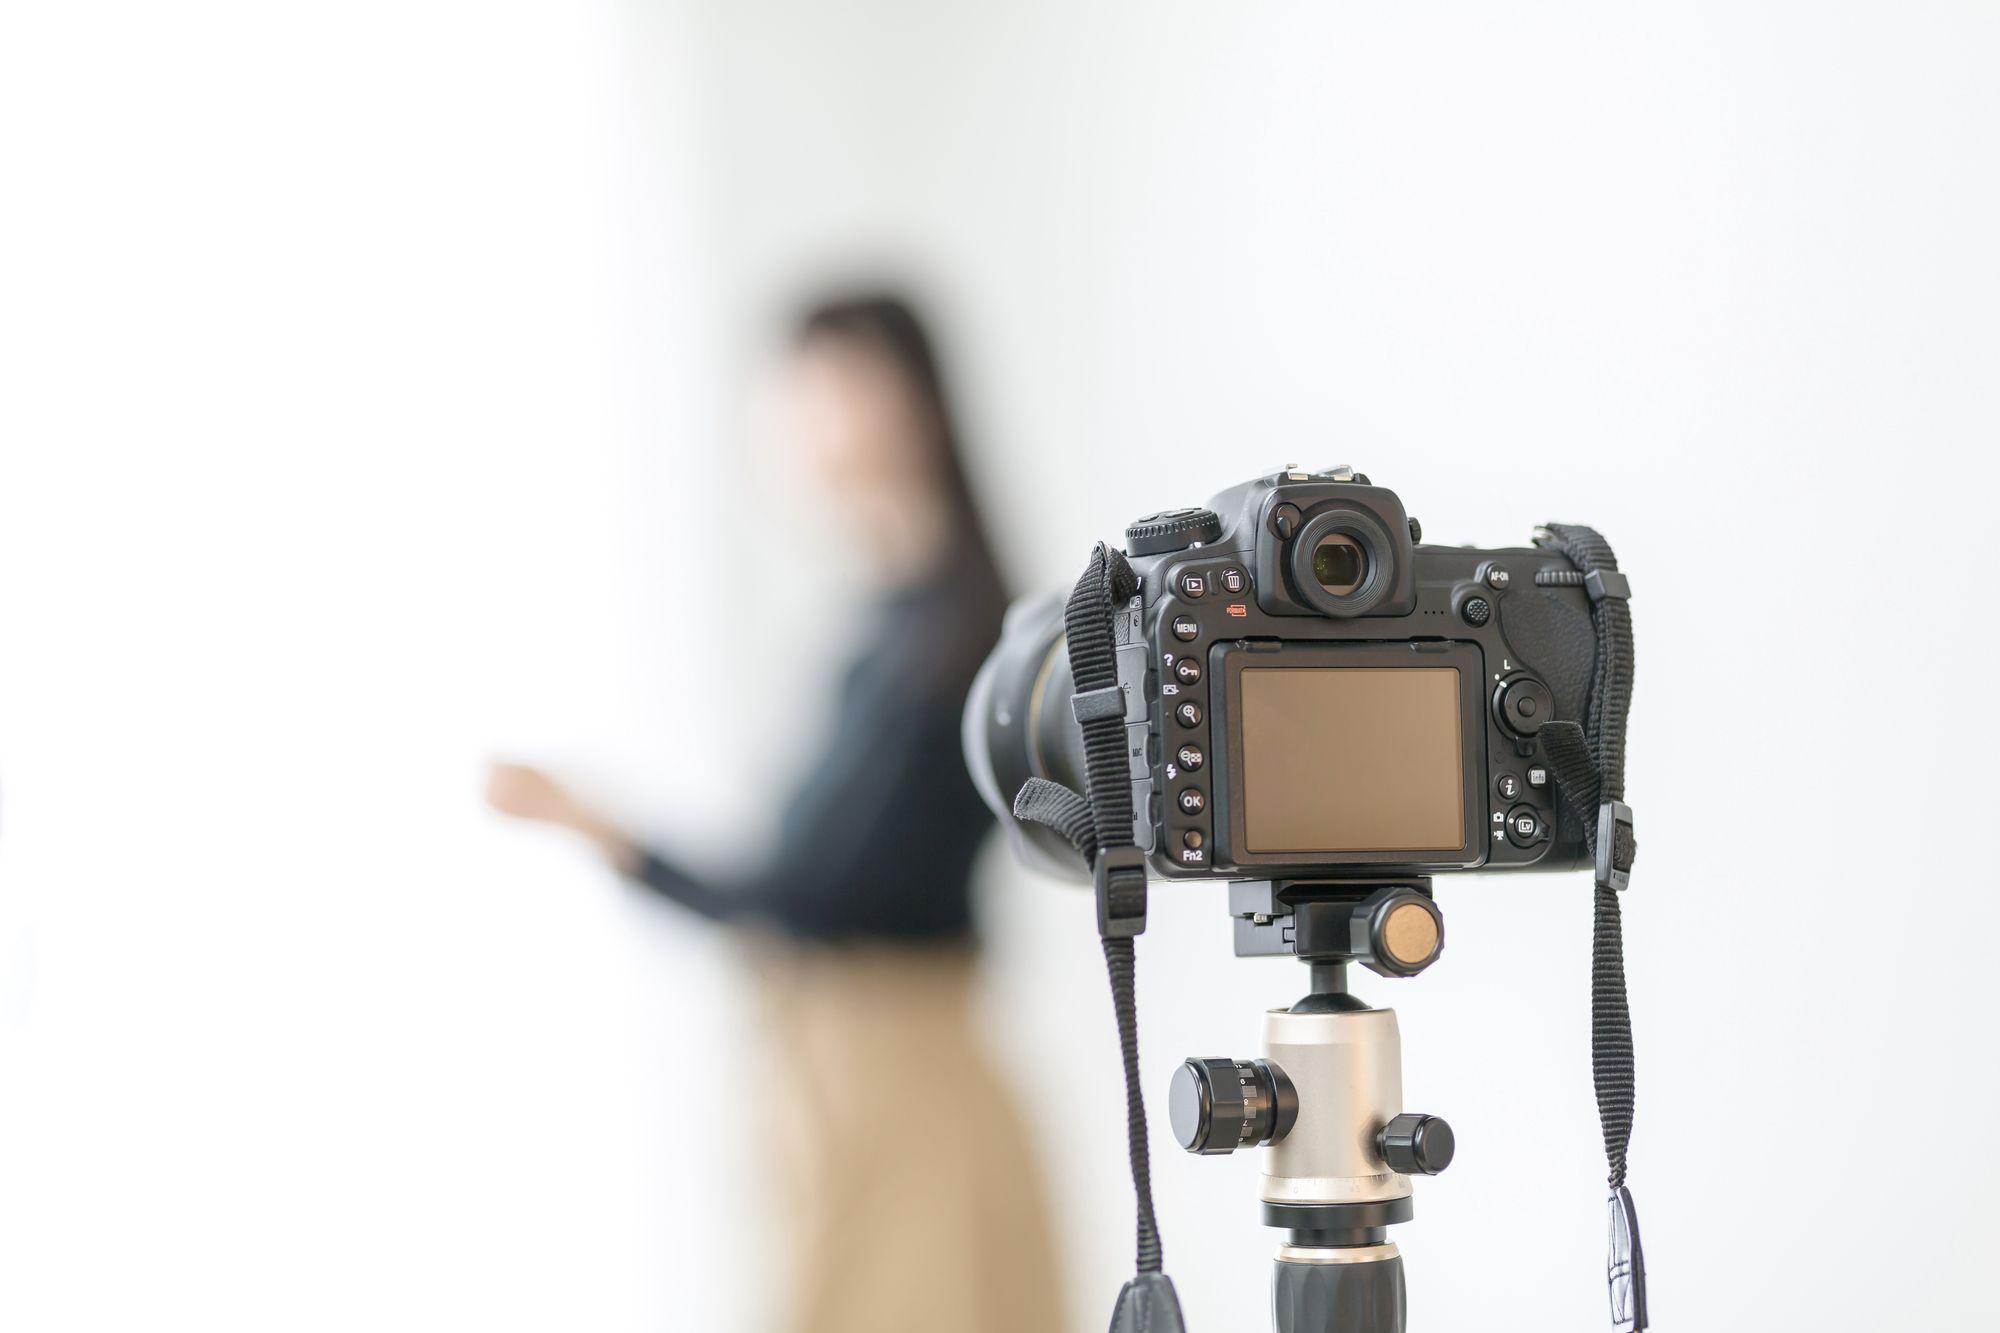 写真スタジオでの撮影にかかる時間はどのくらい?